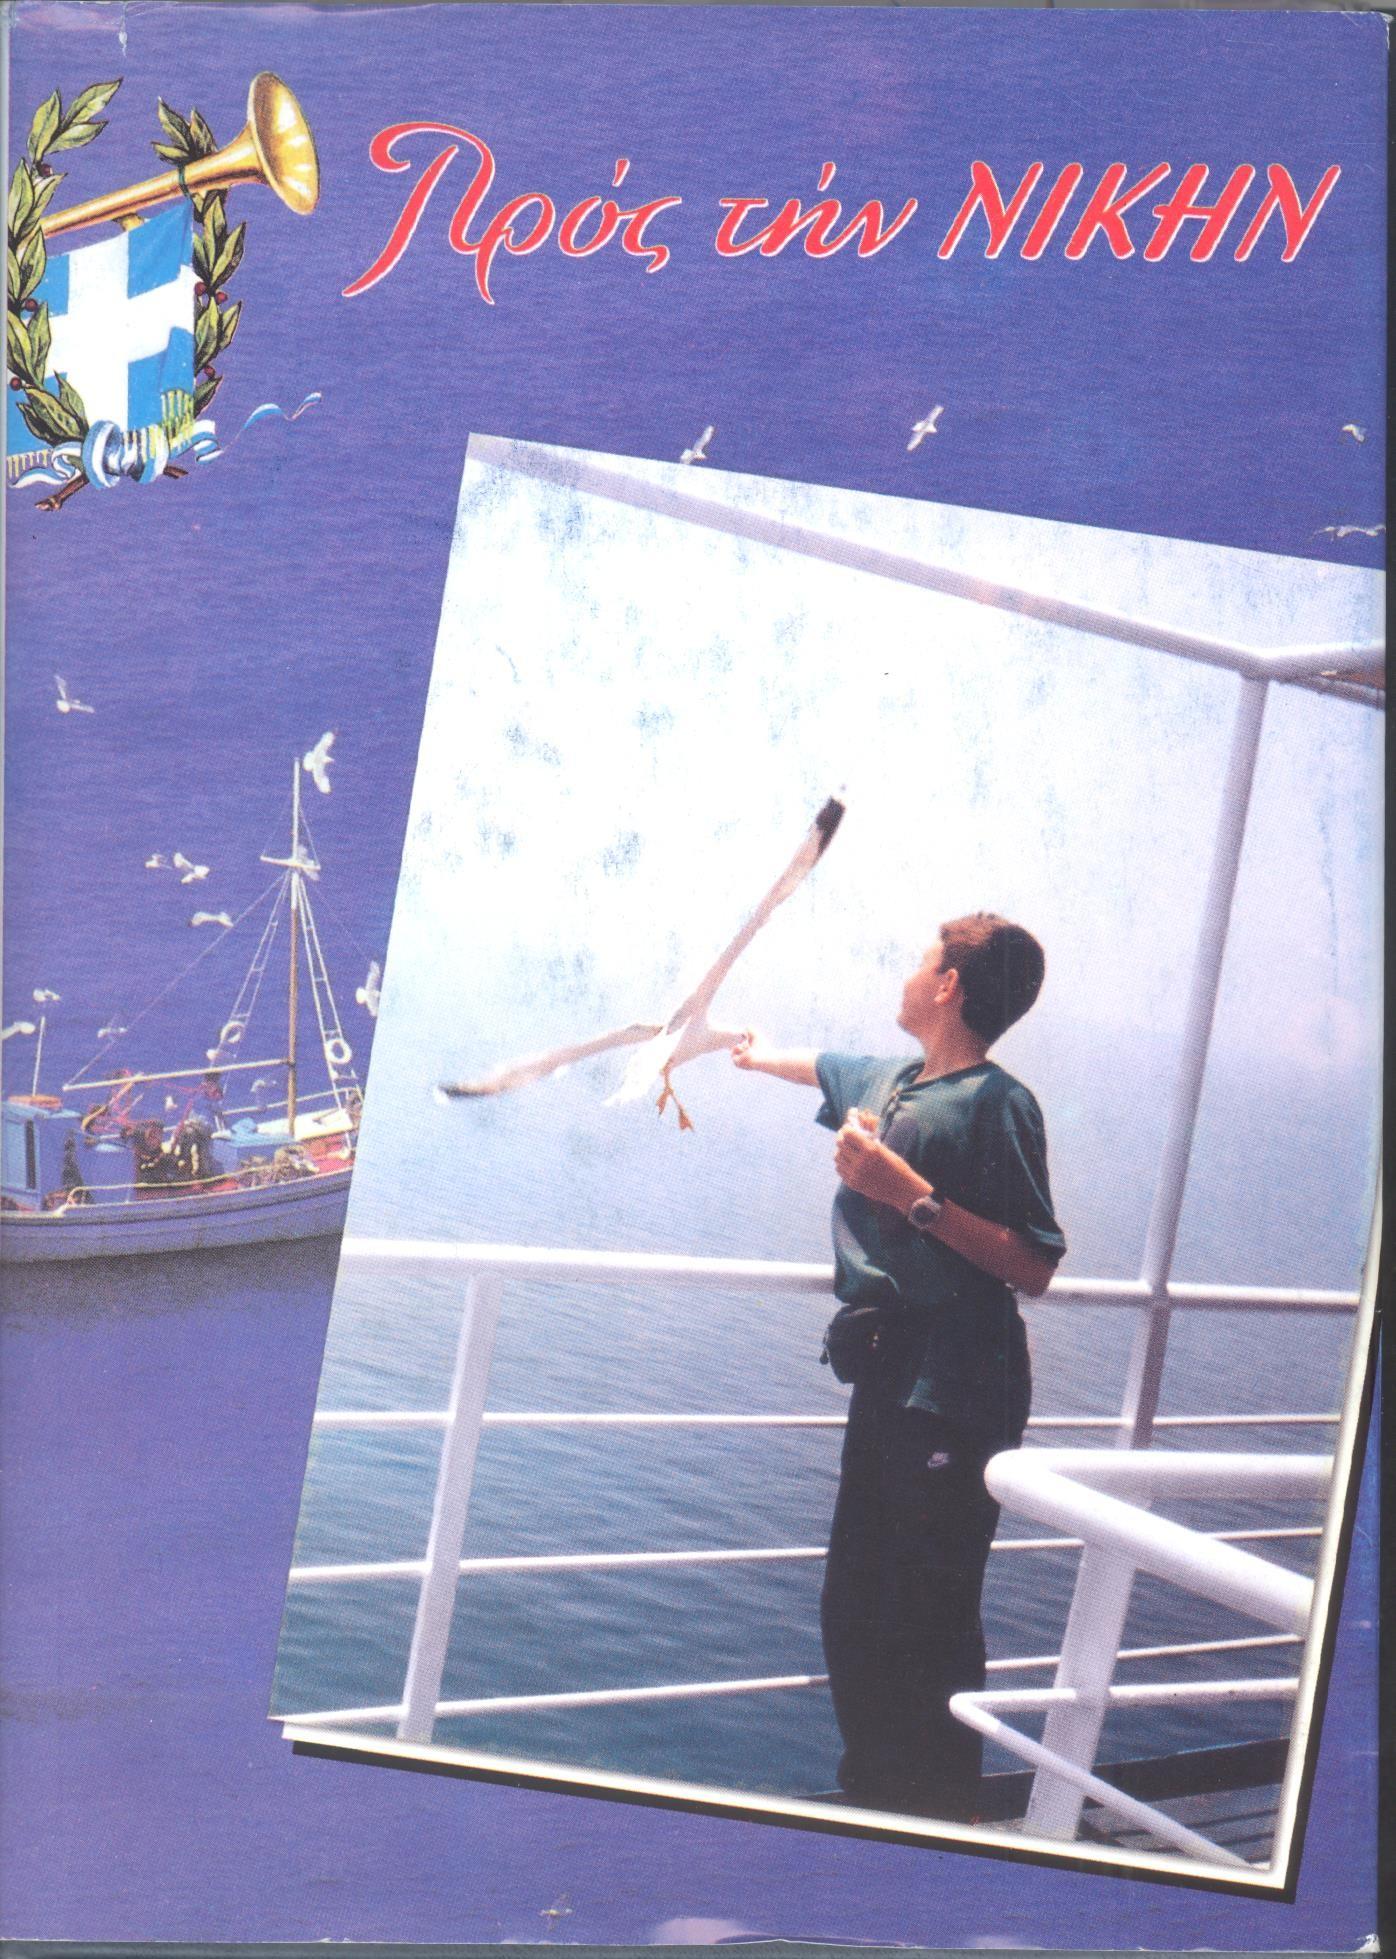 """Νέες Εκδόσεις ΤΟΜΟΣ """"ΠΡΟΣ ΤΗ ΝΙΚΗ"""" 2002"""